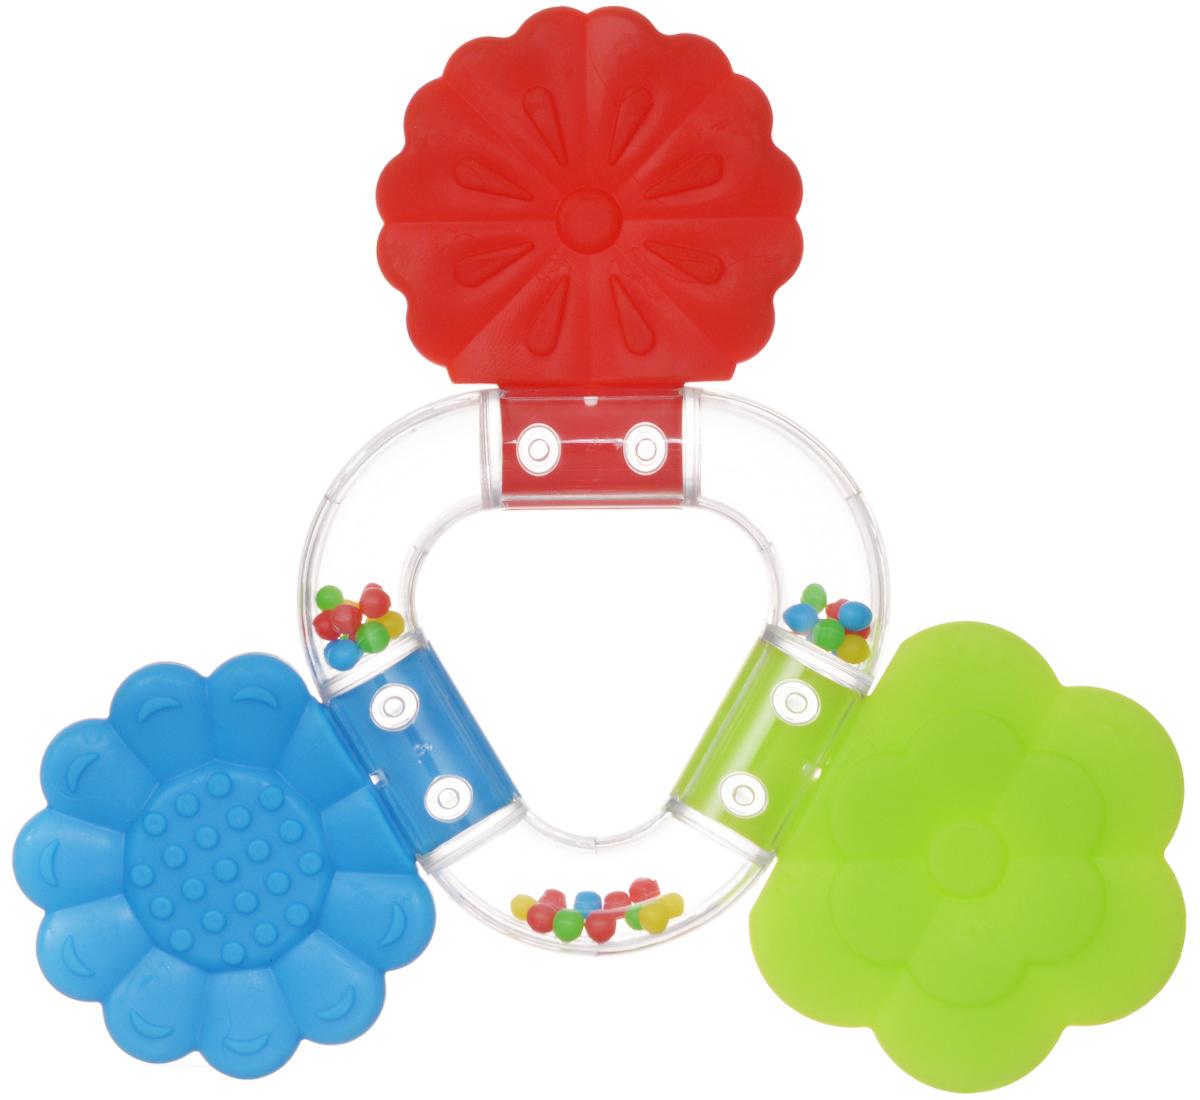 Stellar Погремушка-прорезыватель Букетик цвет красный синий салатовый01563_ красный, синий, салатовыйПрорезыватель - одна из важных игрушек на этапе младенчества. Он помогает разрабатывать жевательные навыки и мимику. Погремушка-прорезыватель Stellar Букетик - яркая и интересная игрушка, которая займет малютку на долгое время, а вам позволит отдохнуть. Центральная часть игрушки наполнена цветными шариками, которые весело шумят при встряхивании. Малыш с удовольствием будет исследовать новую форму, наслаждаясь красивыми цветами.